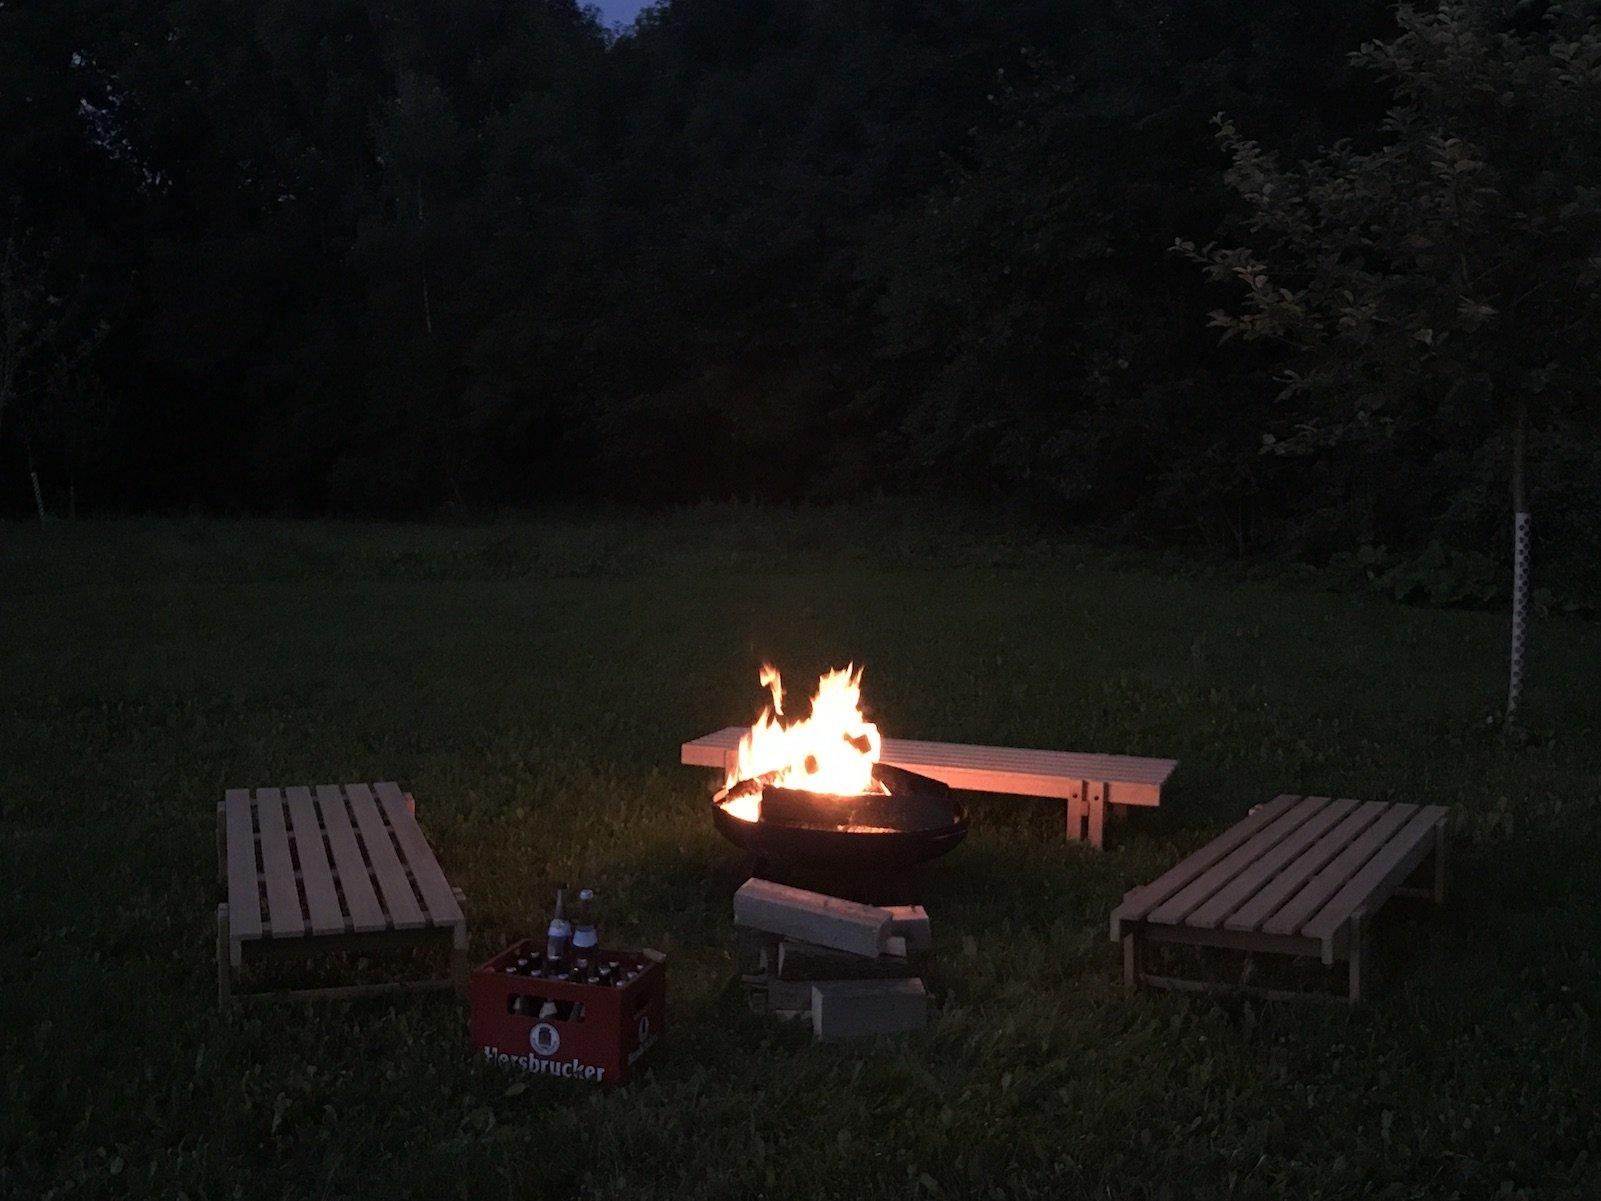 Feuerstelle mit schon brenneden Feuer und einer Kiste (übrigens sehr leckeres) Bier